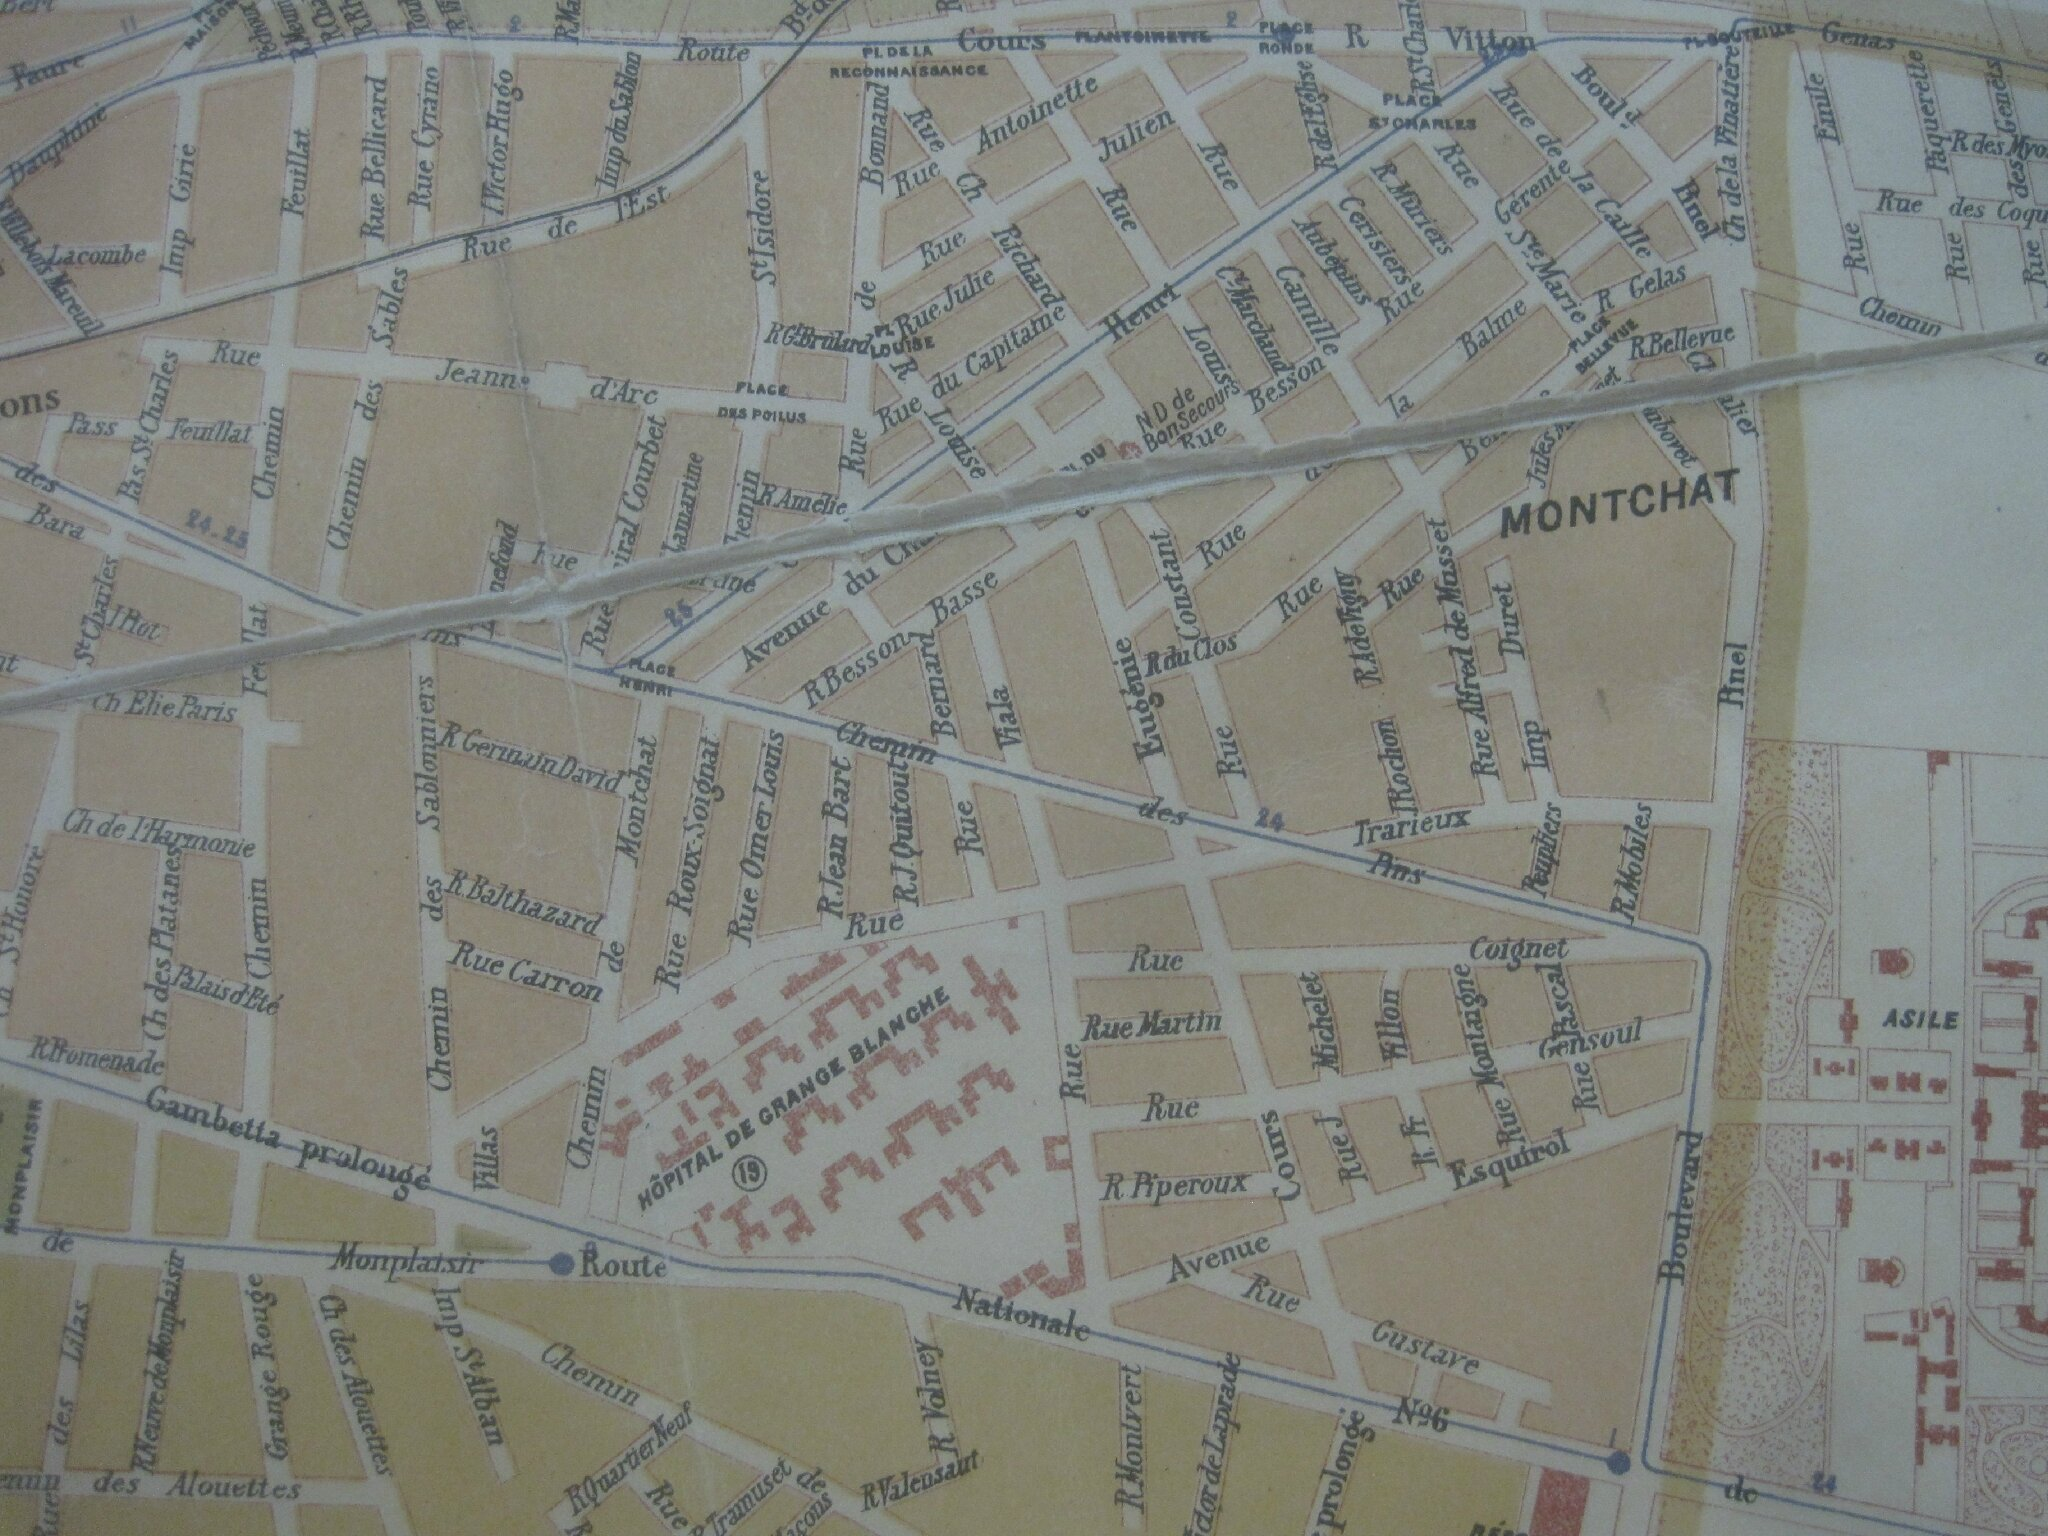 Plan de Lyon 1922